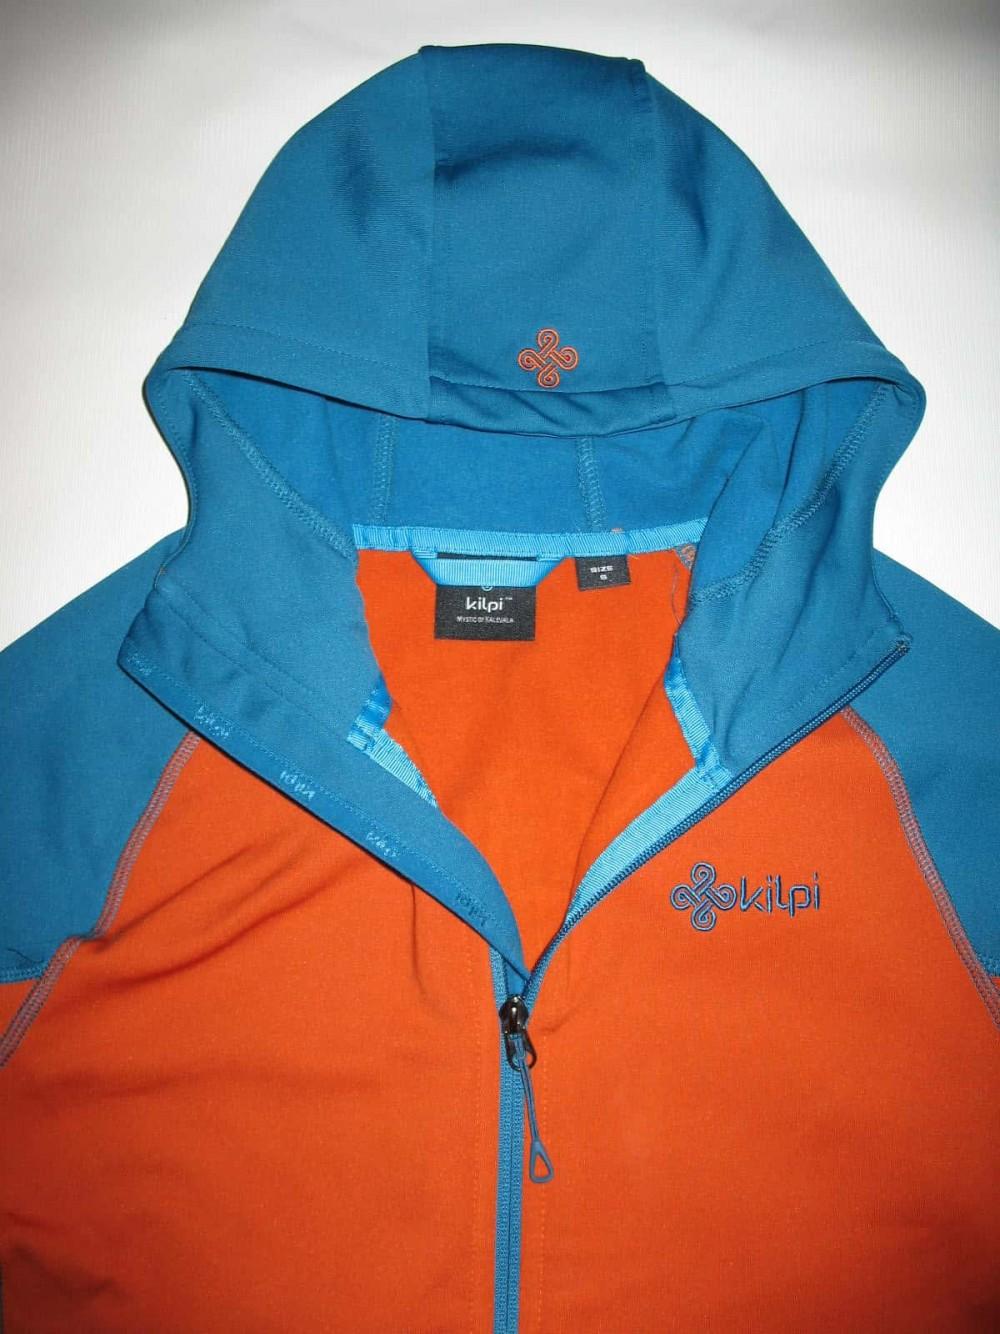 Кофта KILPI yoho-m fleece hoodies jacket (размер S) - 7